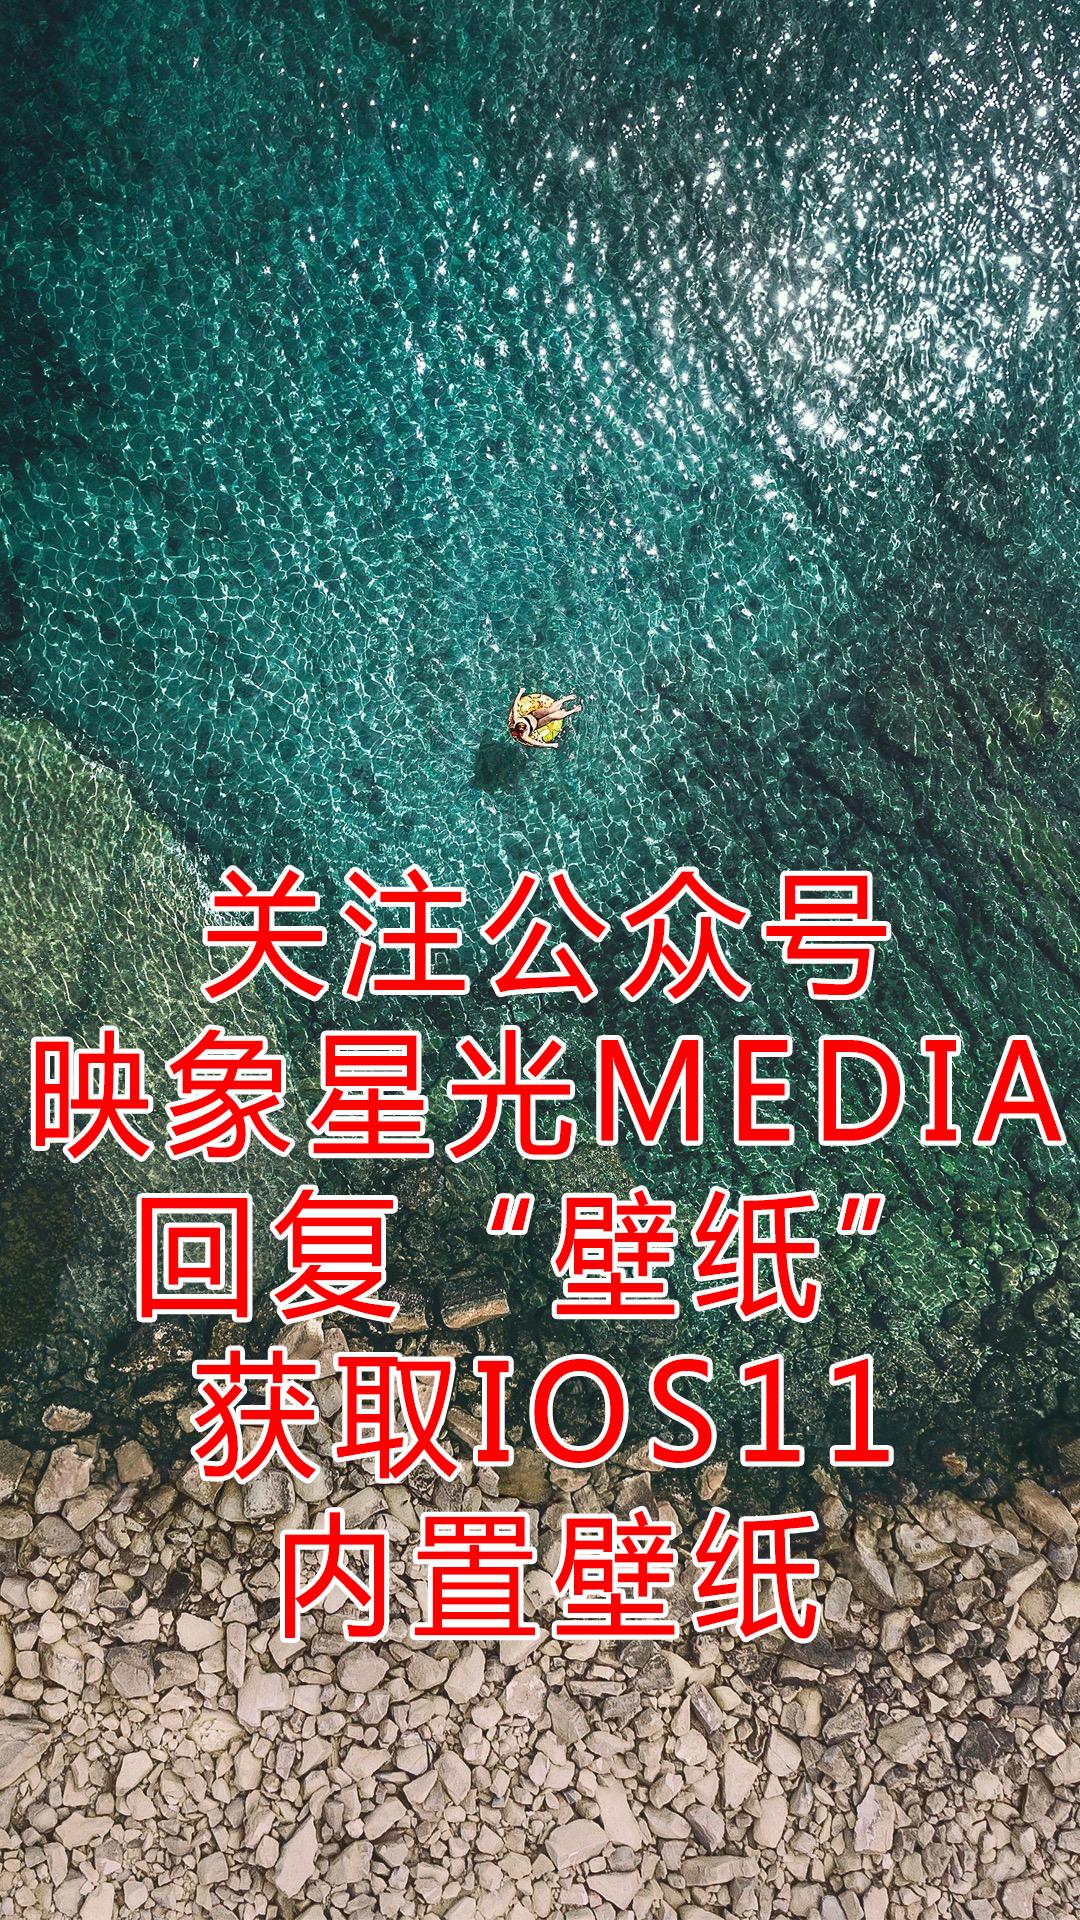 IOS11系统内置内置壁纸